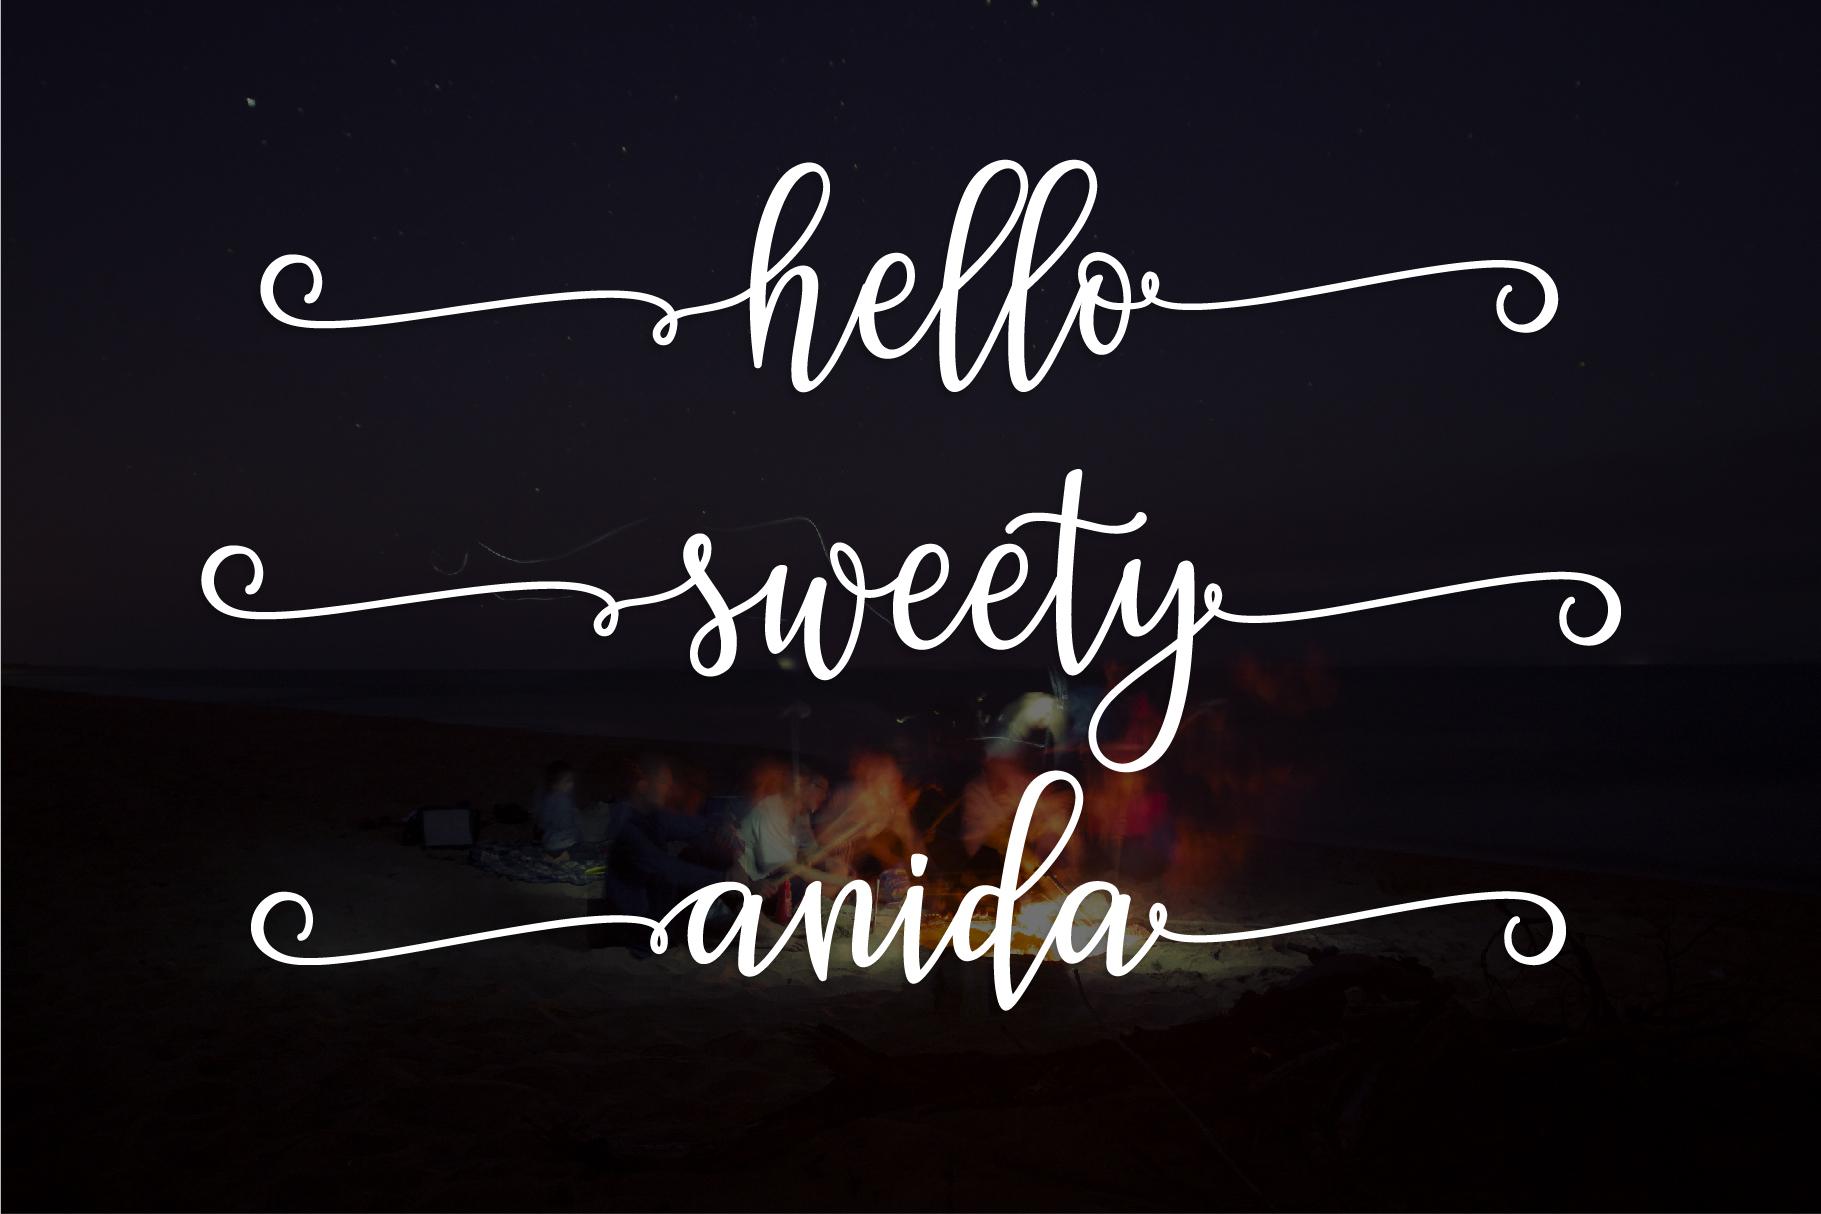 Ashadiya | New Calligraphy example image 7